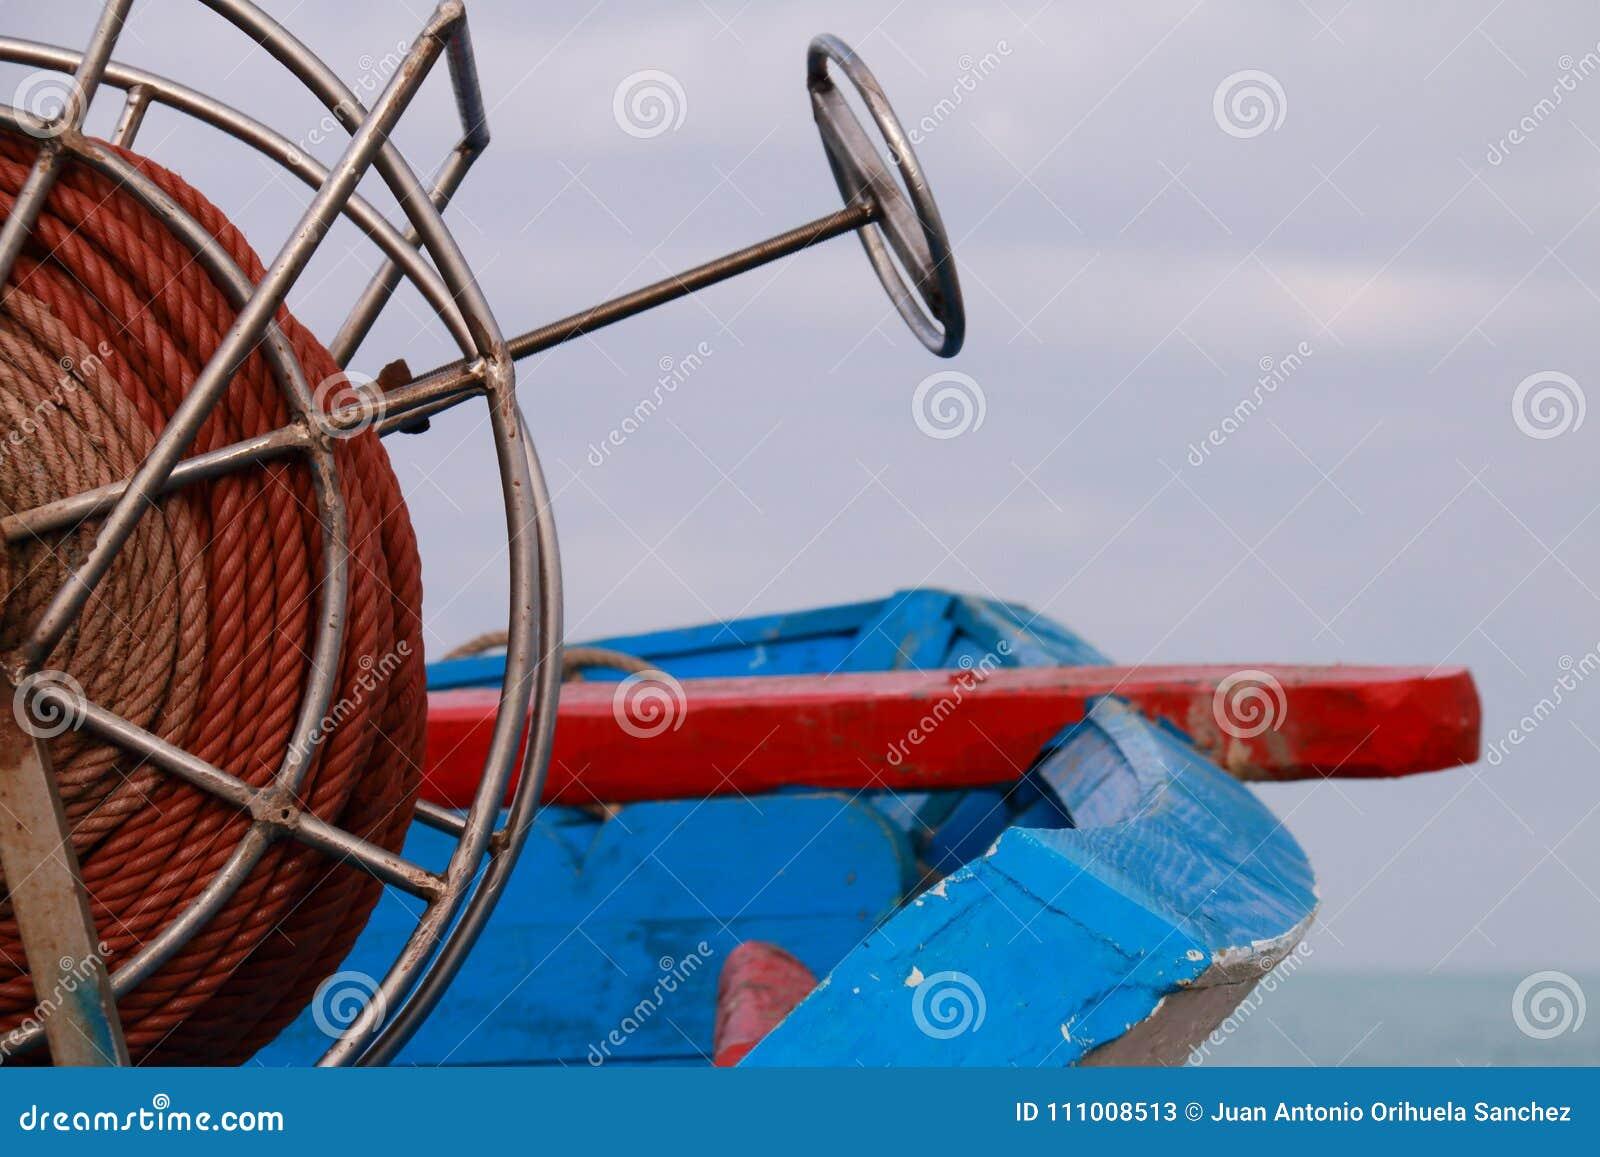 Detalhe da bobina da corda de um barco de pesca pequeno